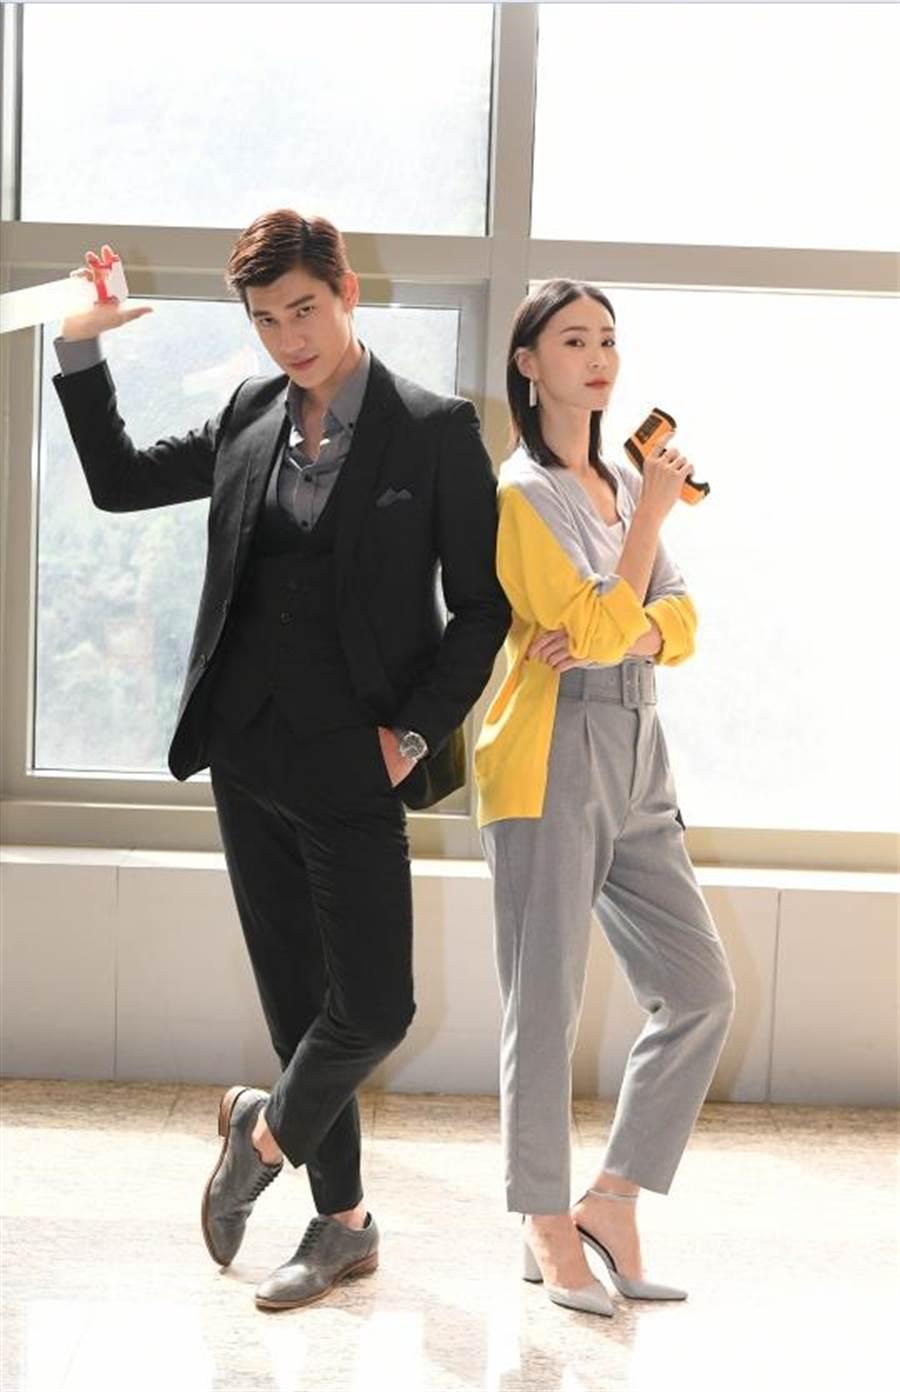 鍾瑶和羅宏正主演《跟鯊魚接吻》默契漸入佳境。(三立)